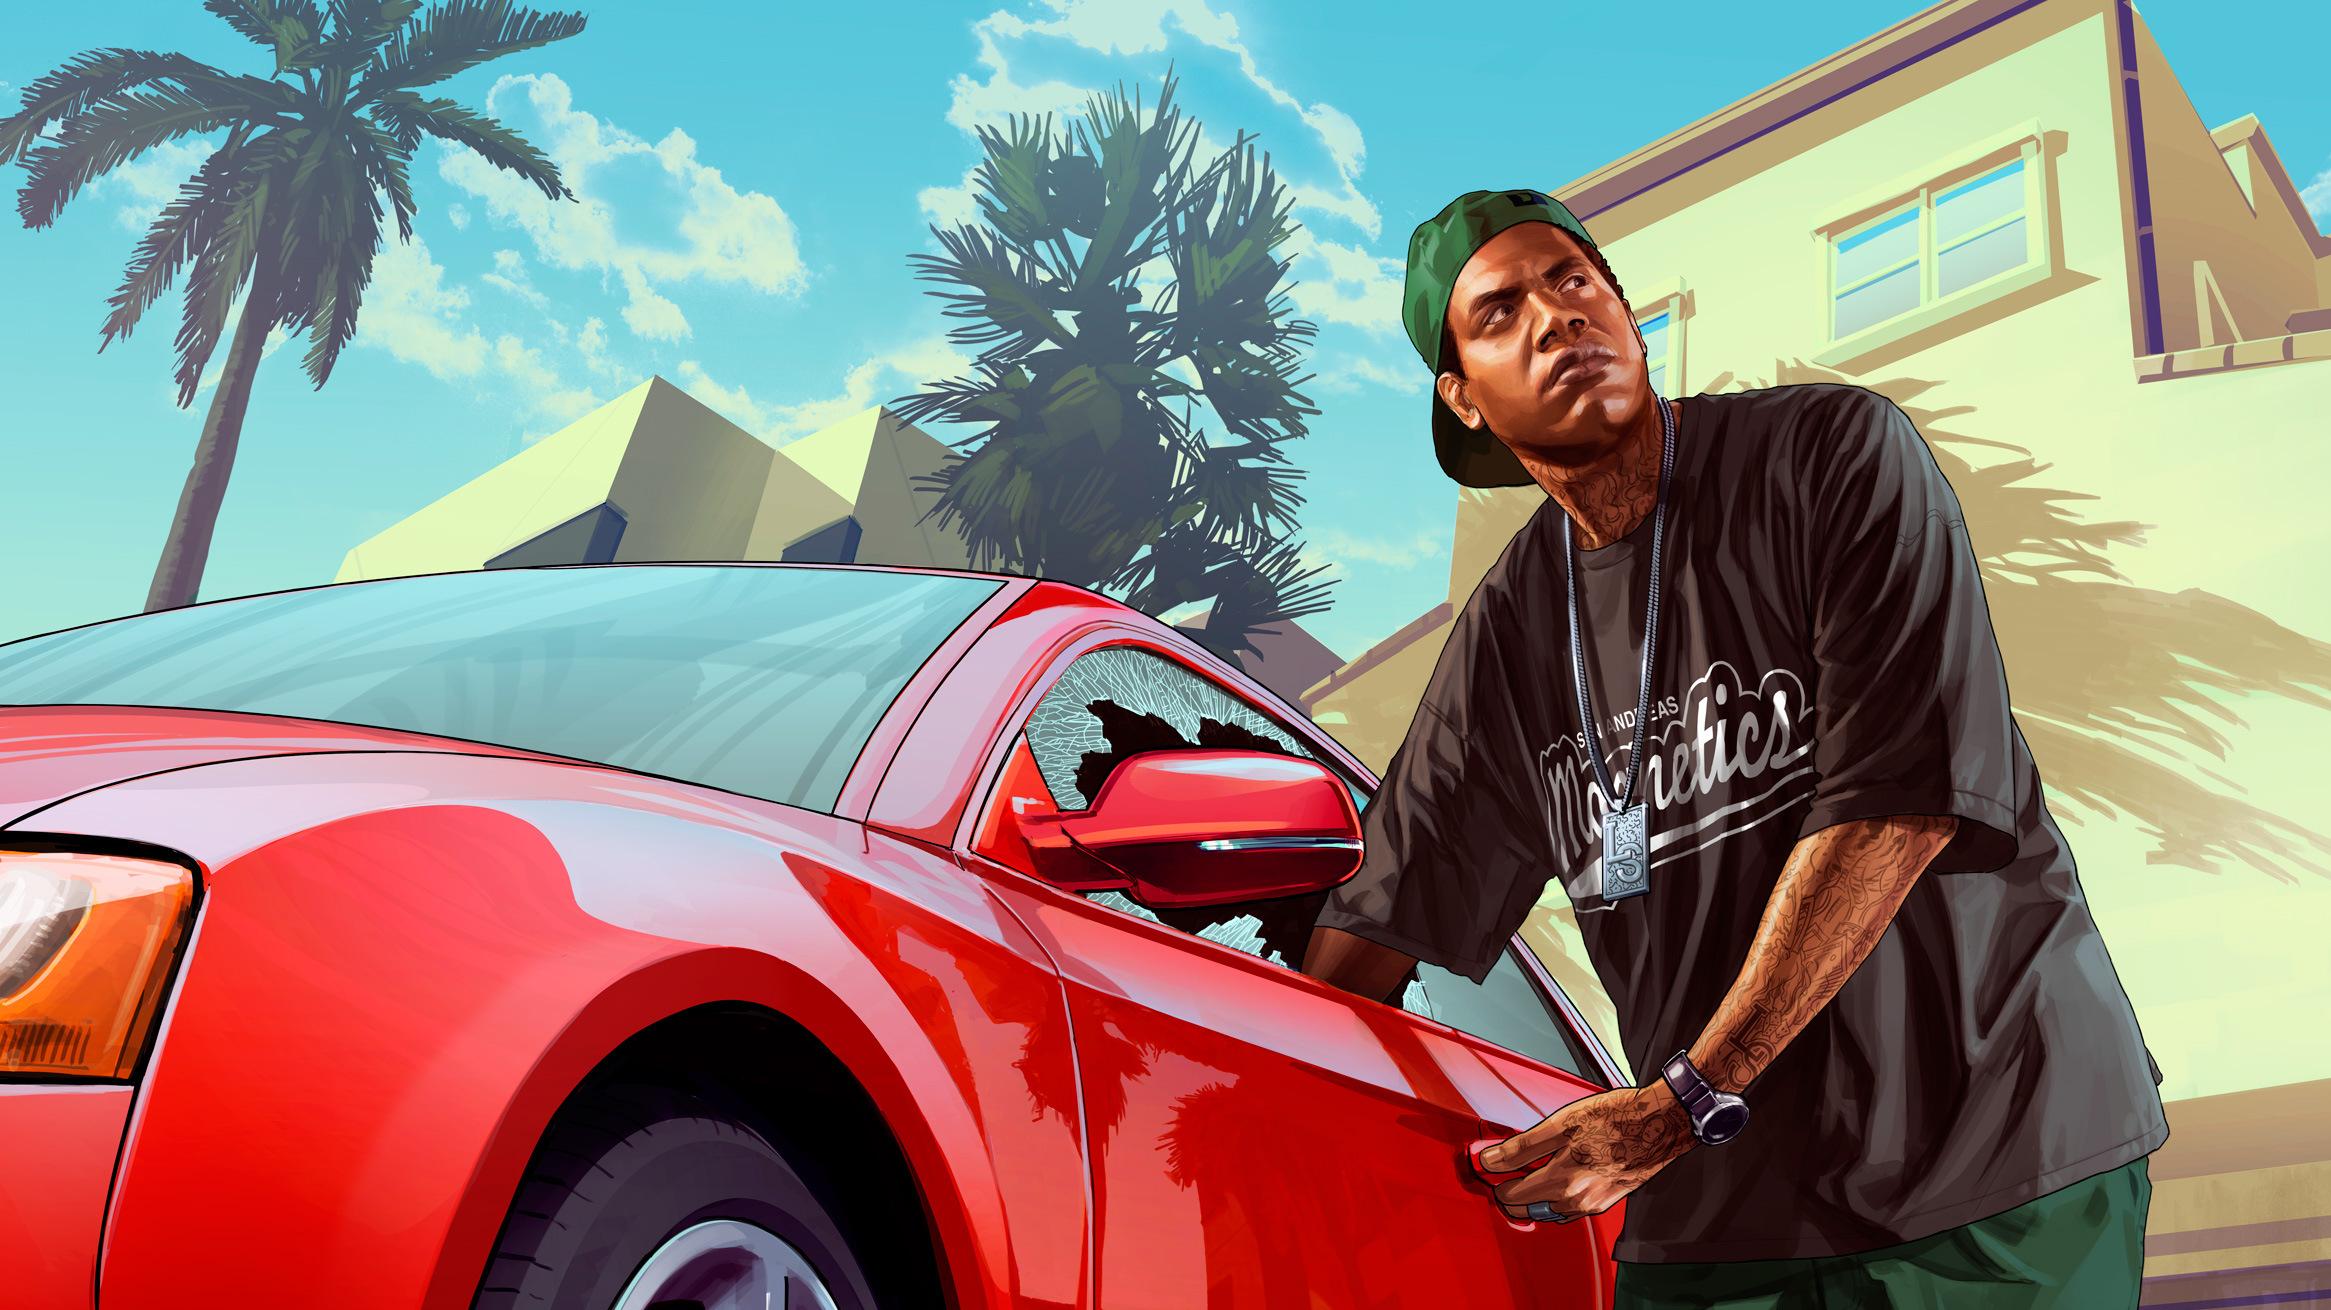 Grand Theft auto 5 V Análisis Review español (11)